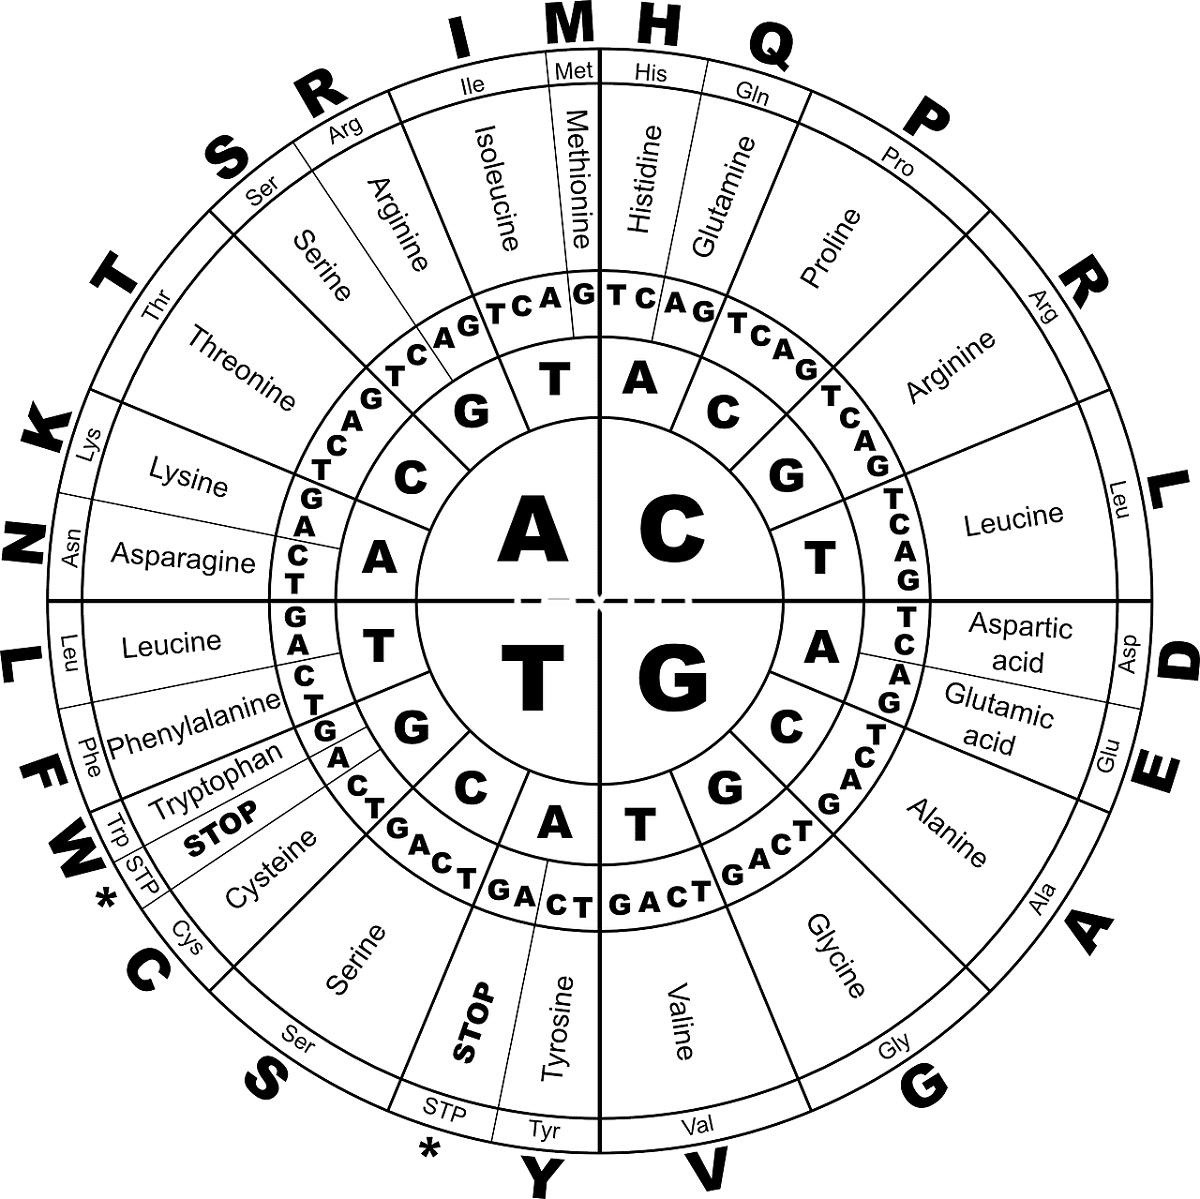 tabla de aminoacidos